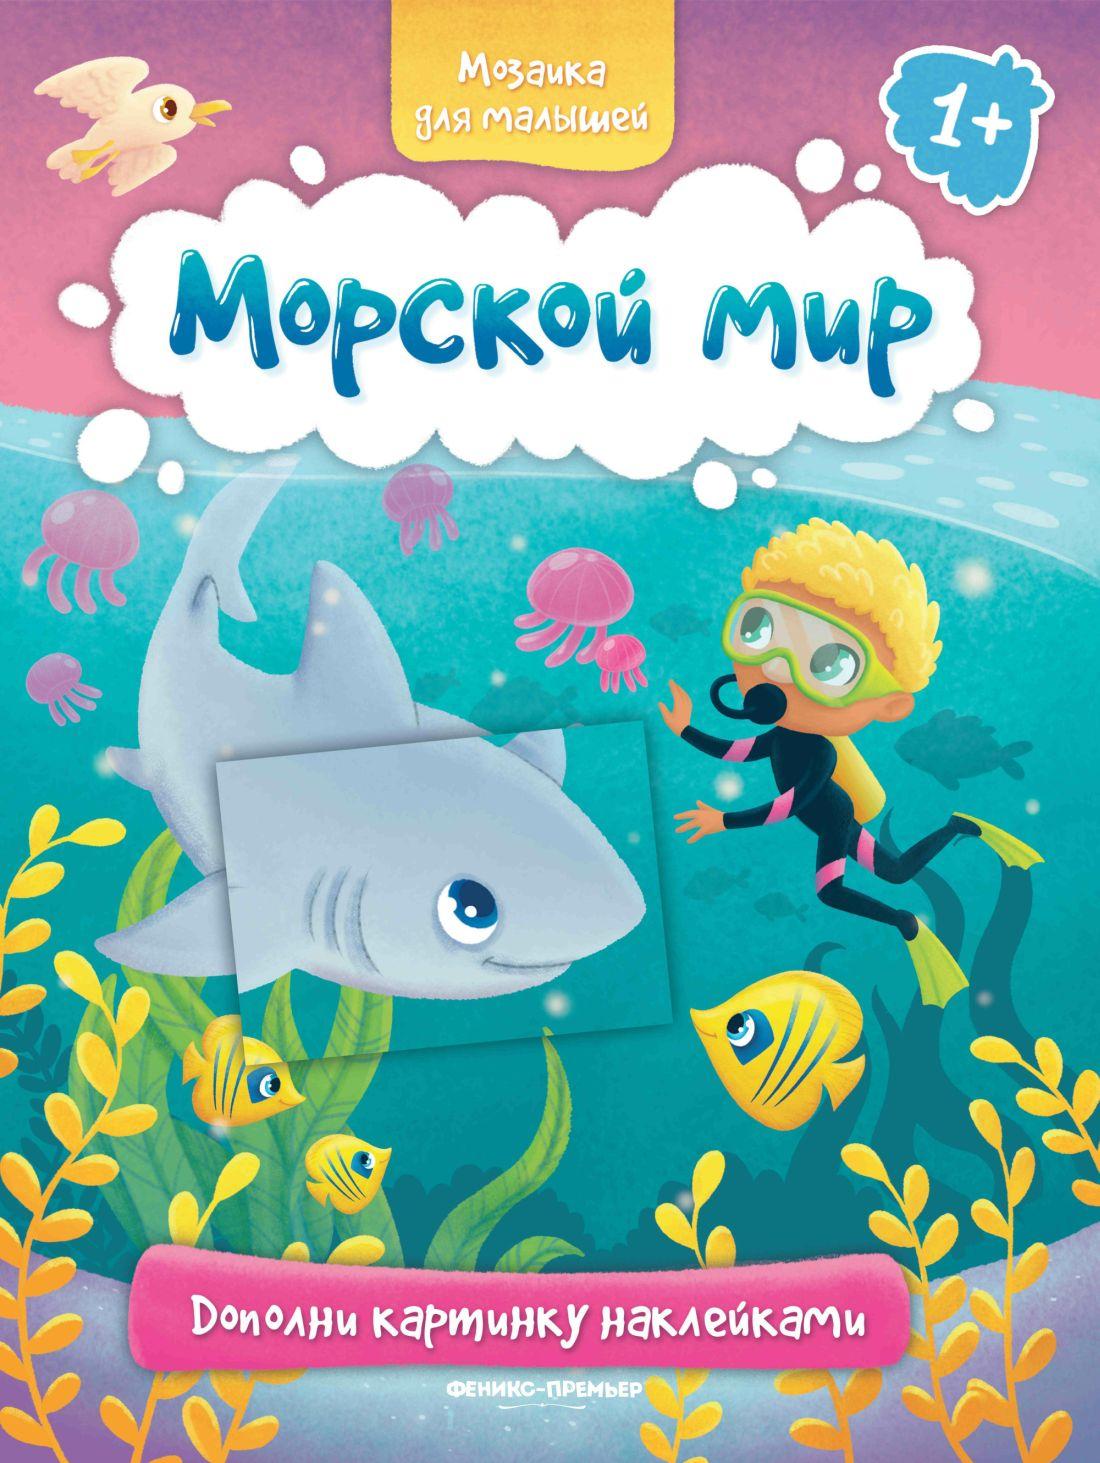 Морской мир. 1+: Книжка с наклейками